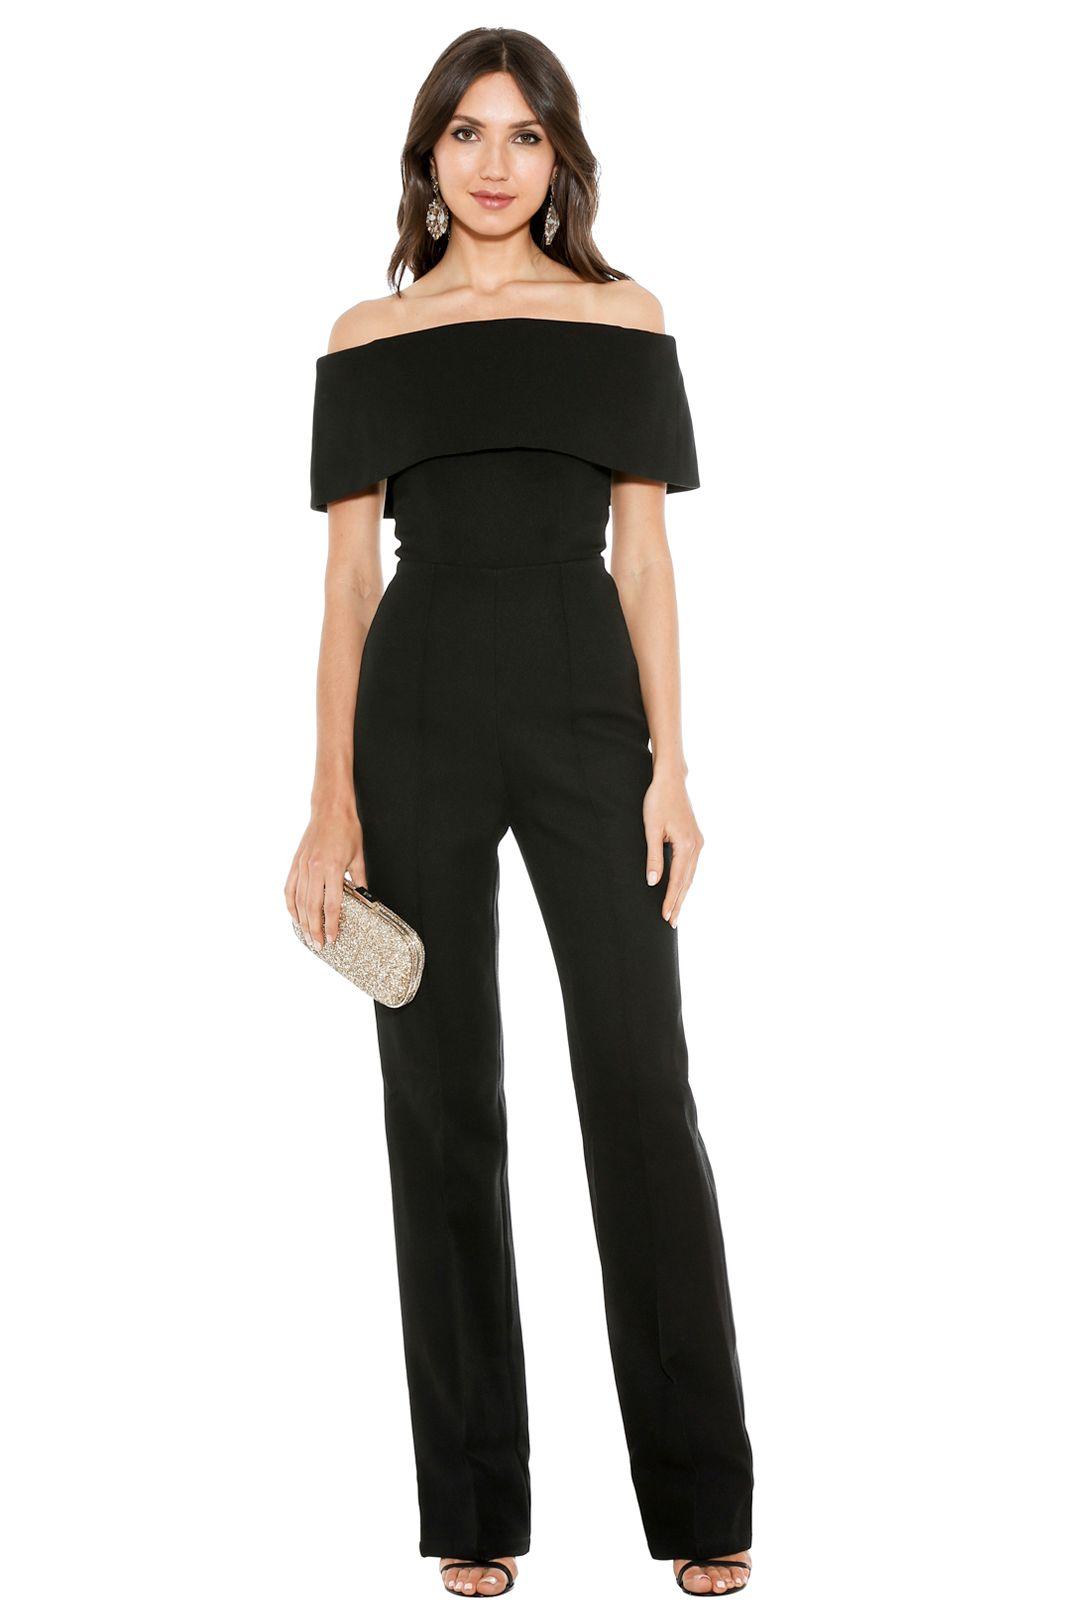 Misha Collection - Aphrodite Pantsuit - Front - Black